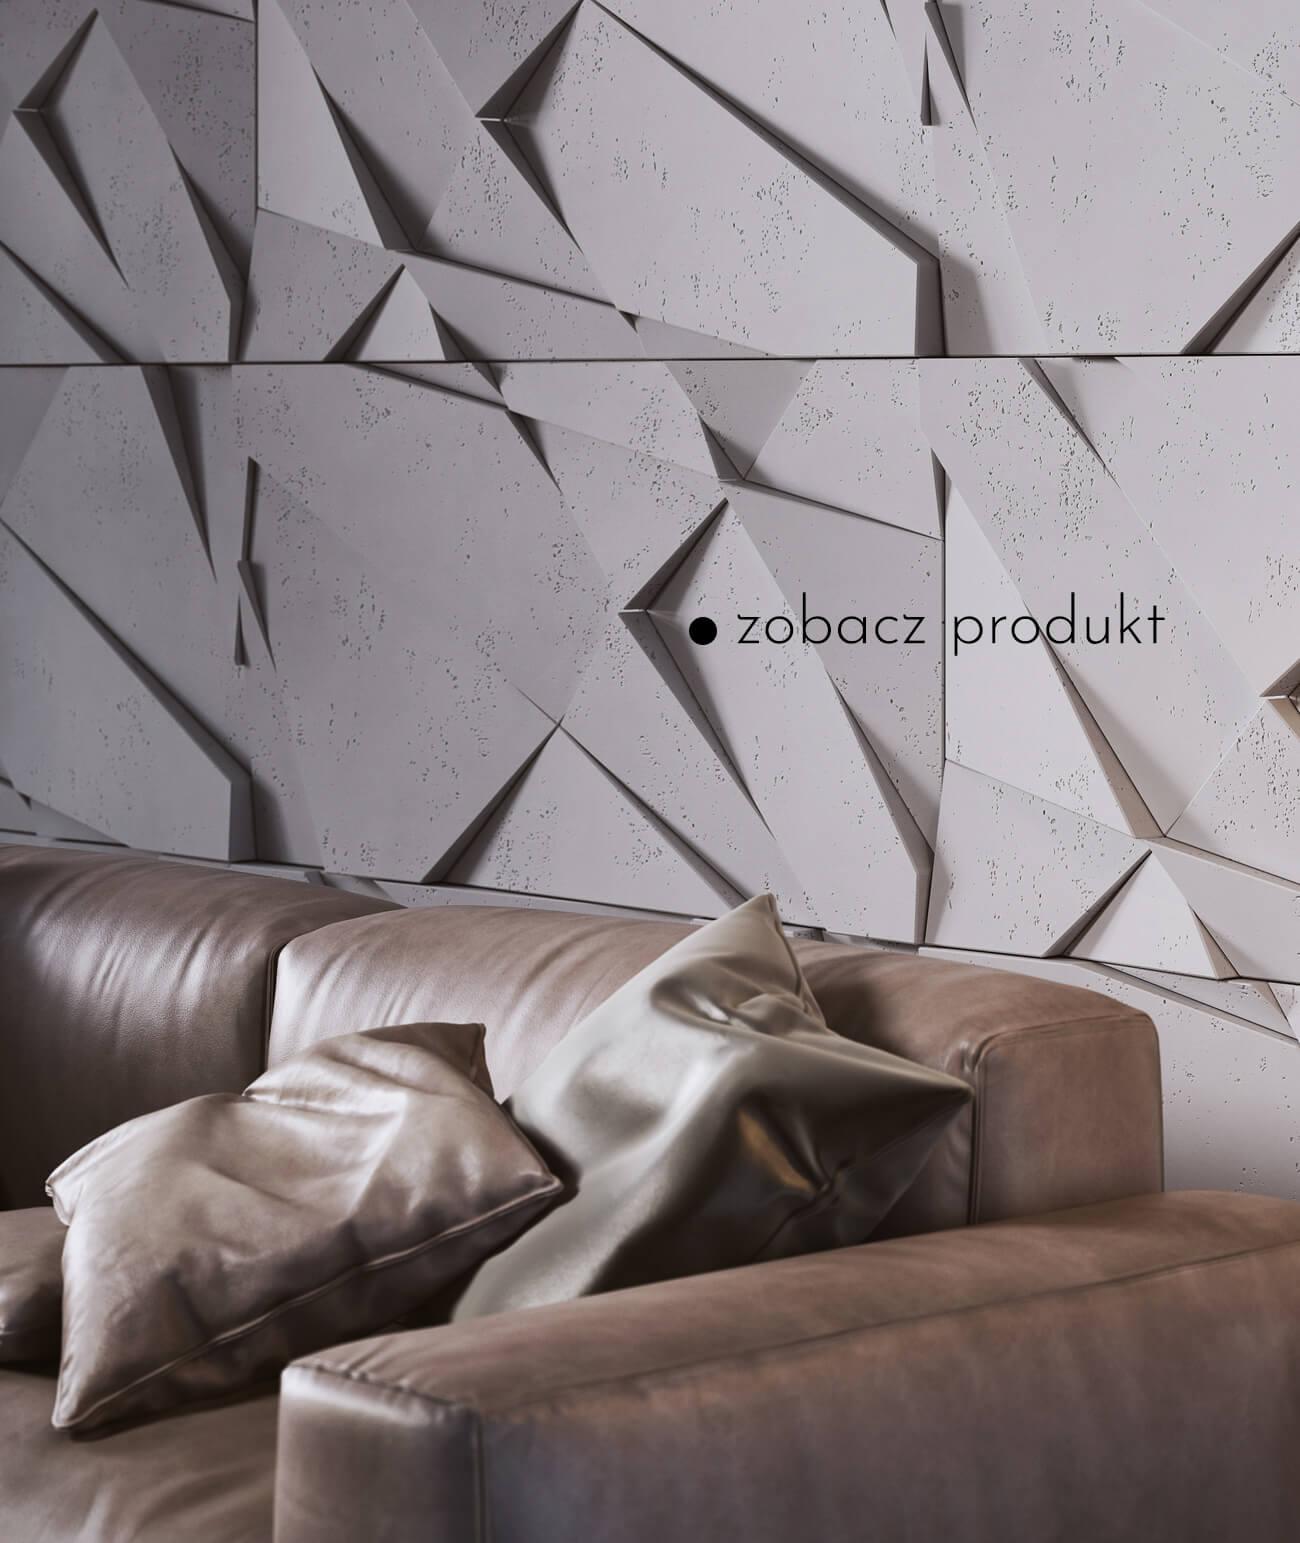 panele-betonowe-3d-scienne-i-elewacyjne-beton-architektoniczny_325-1732-pb05-s95-jasny-szary-golabkowy-krysztal---panel-dekor-3d-beton-architektoniczny-panel-scienny